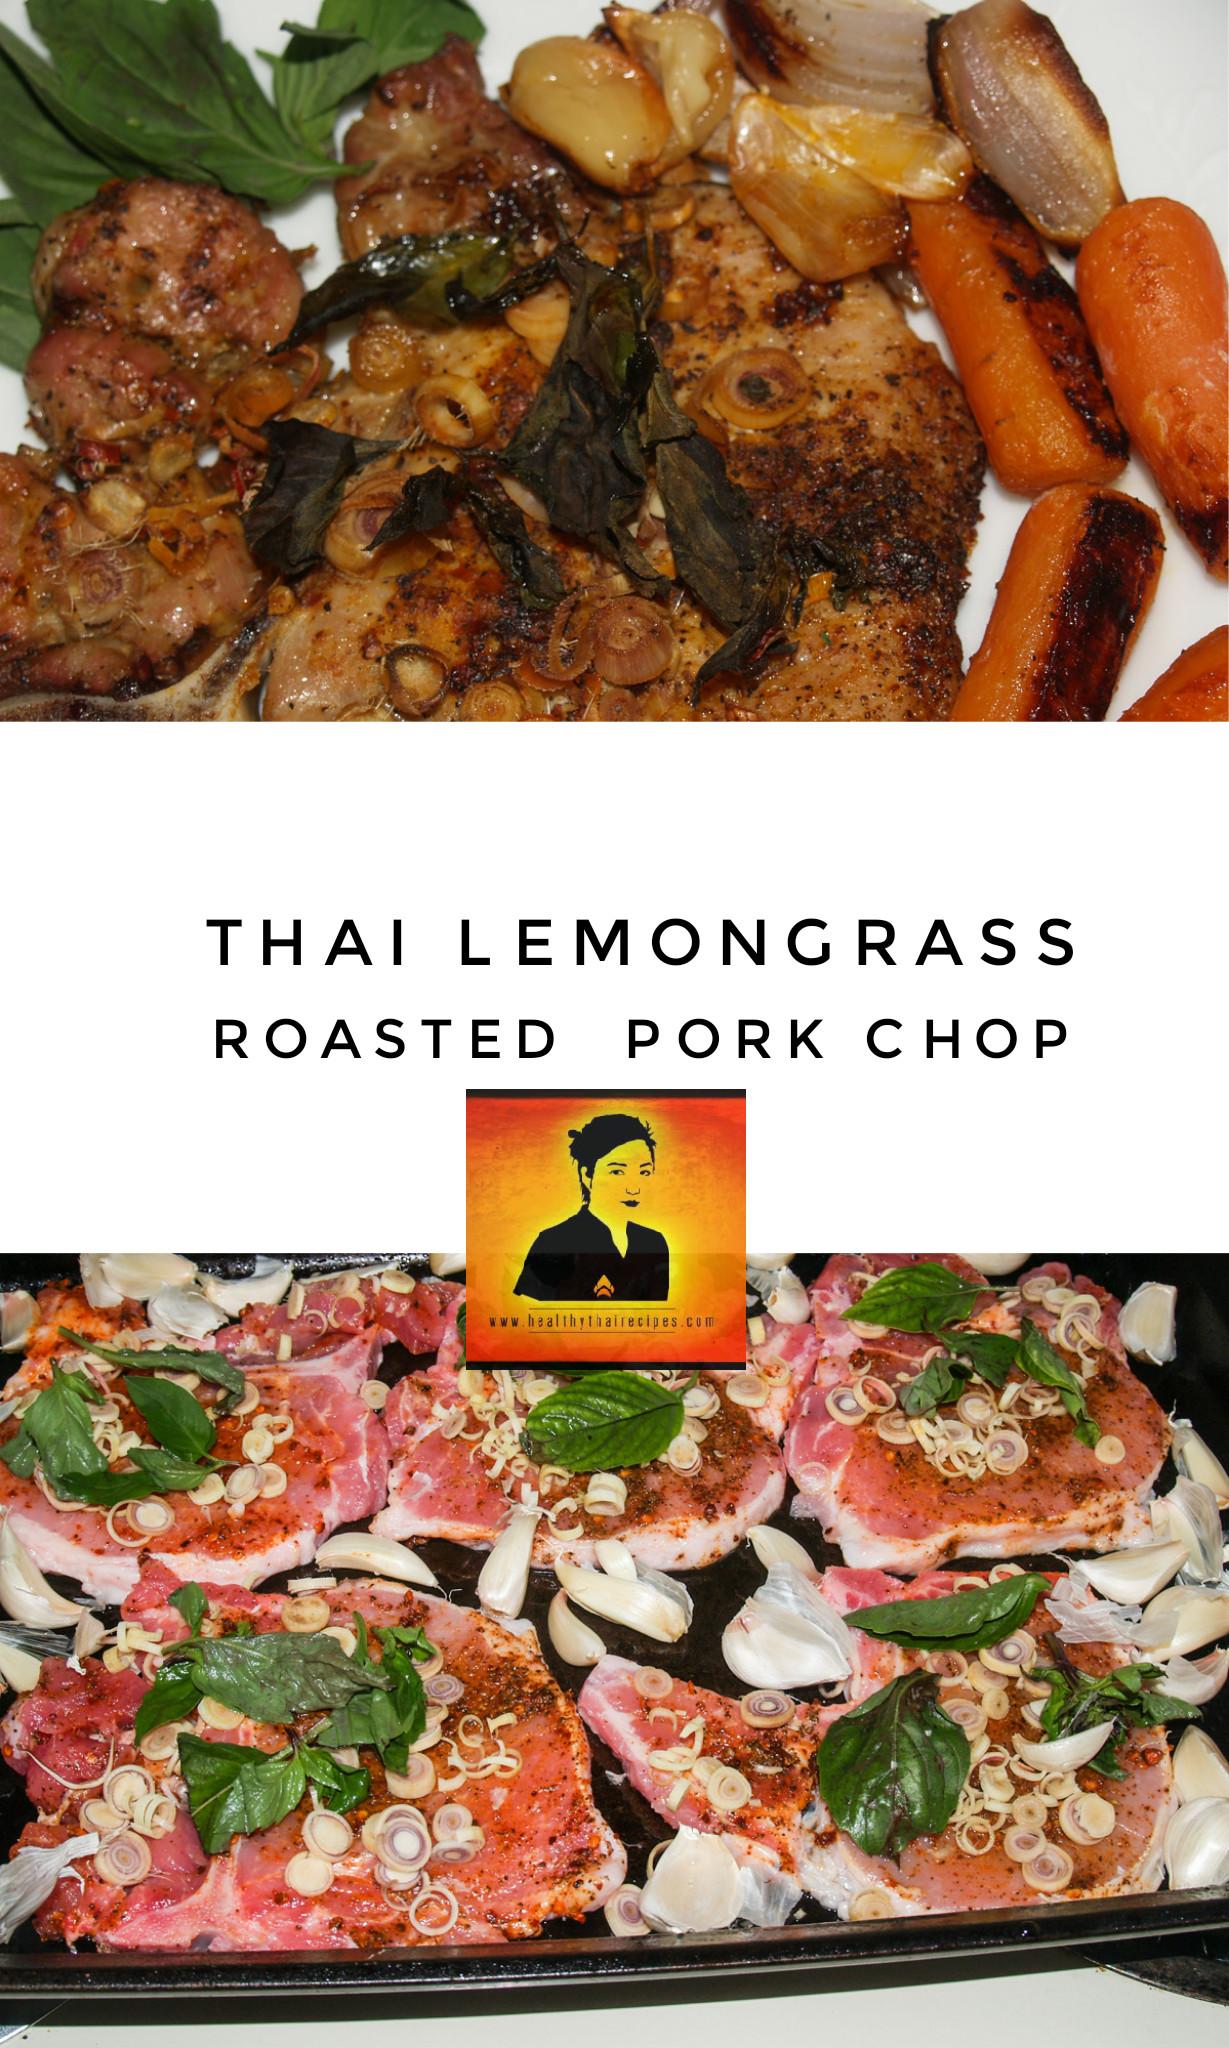 Healthy Thai Food Recipes  Thai Lemongrass Roasted Pork Chop Healthy Thai Recipes